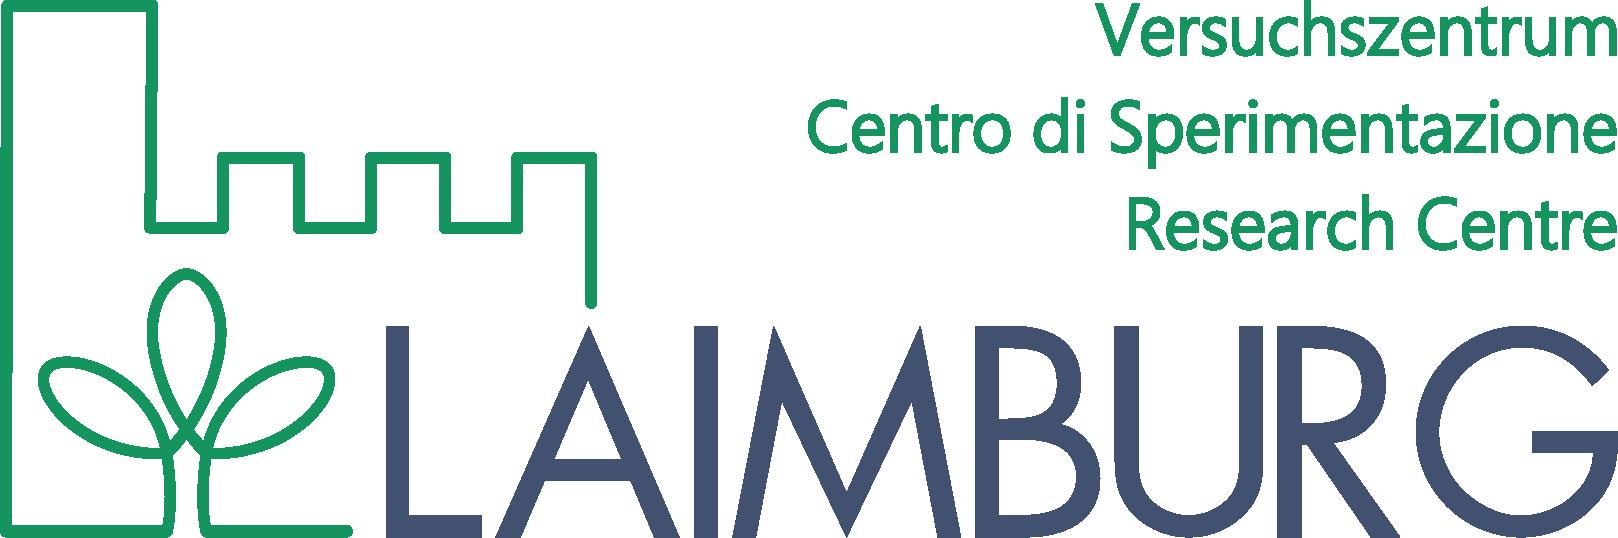 Land- und Forstwirtschaftliches Versuchszentrum Laimburg